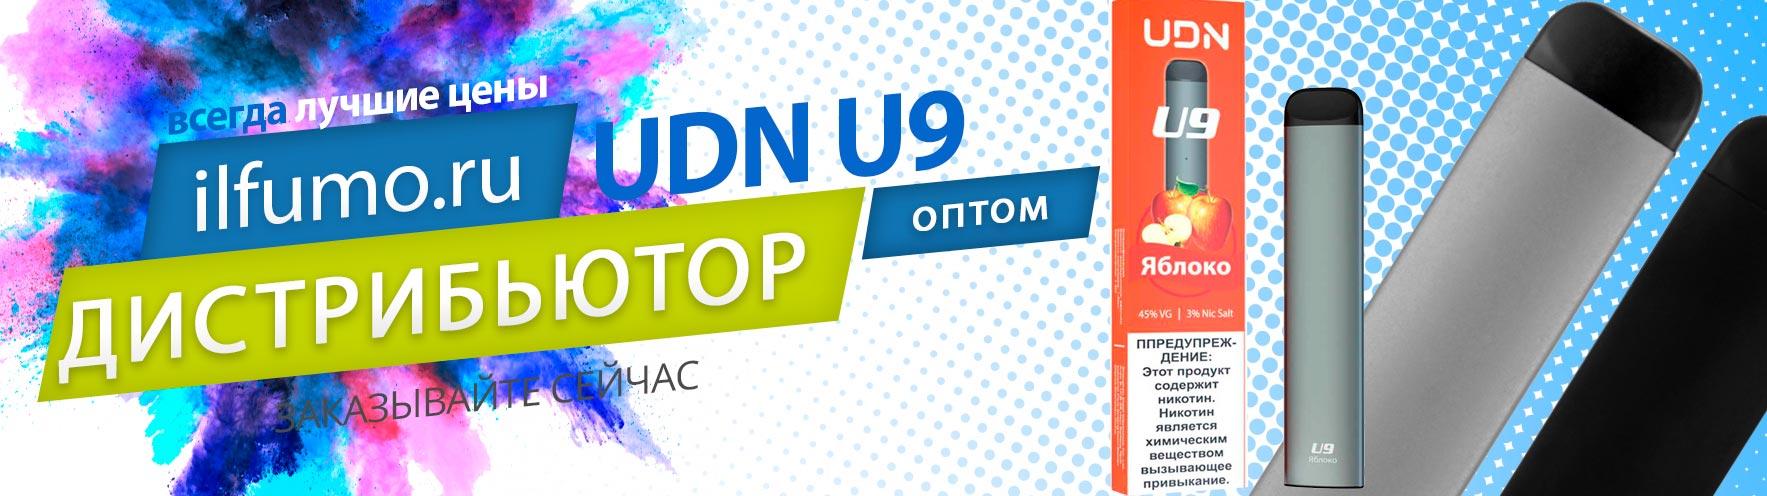 UDN U9 - купить оптом в Москве и Новосибирске